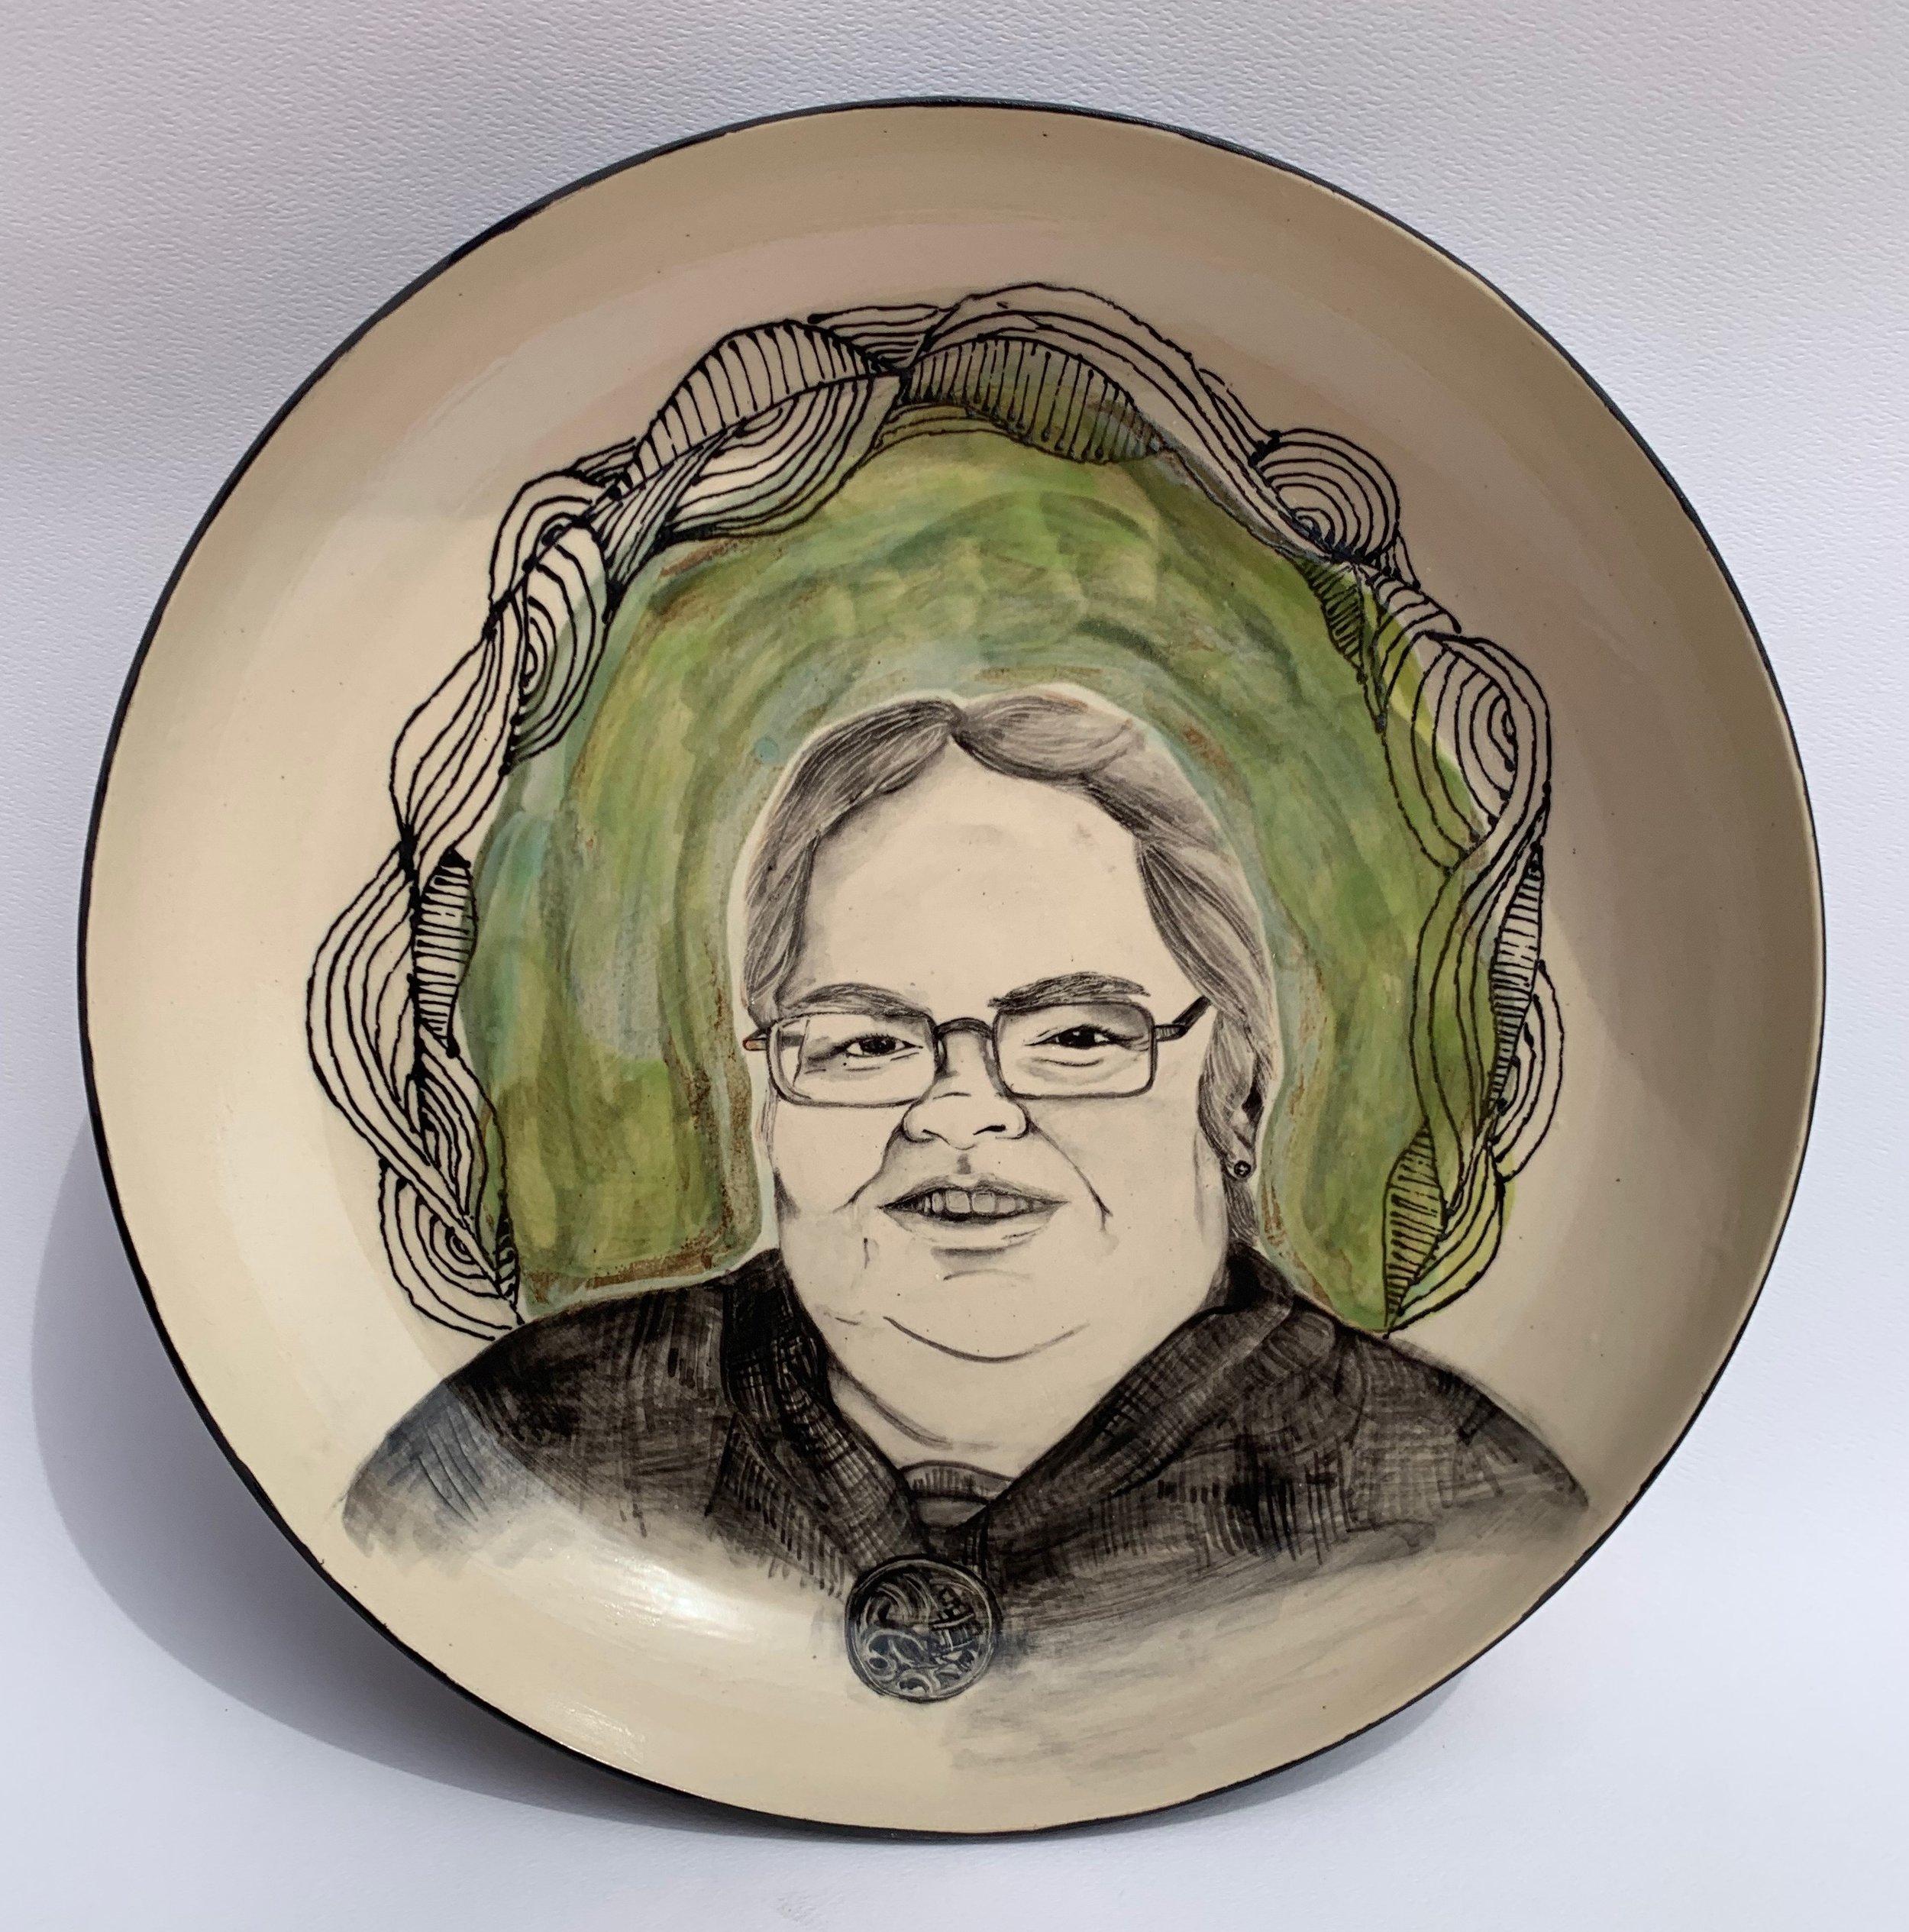 %22Leslie Donovan%22_porcelain plate.jpg